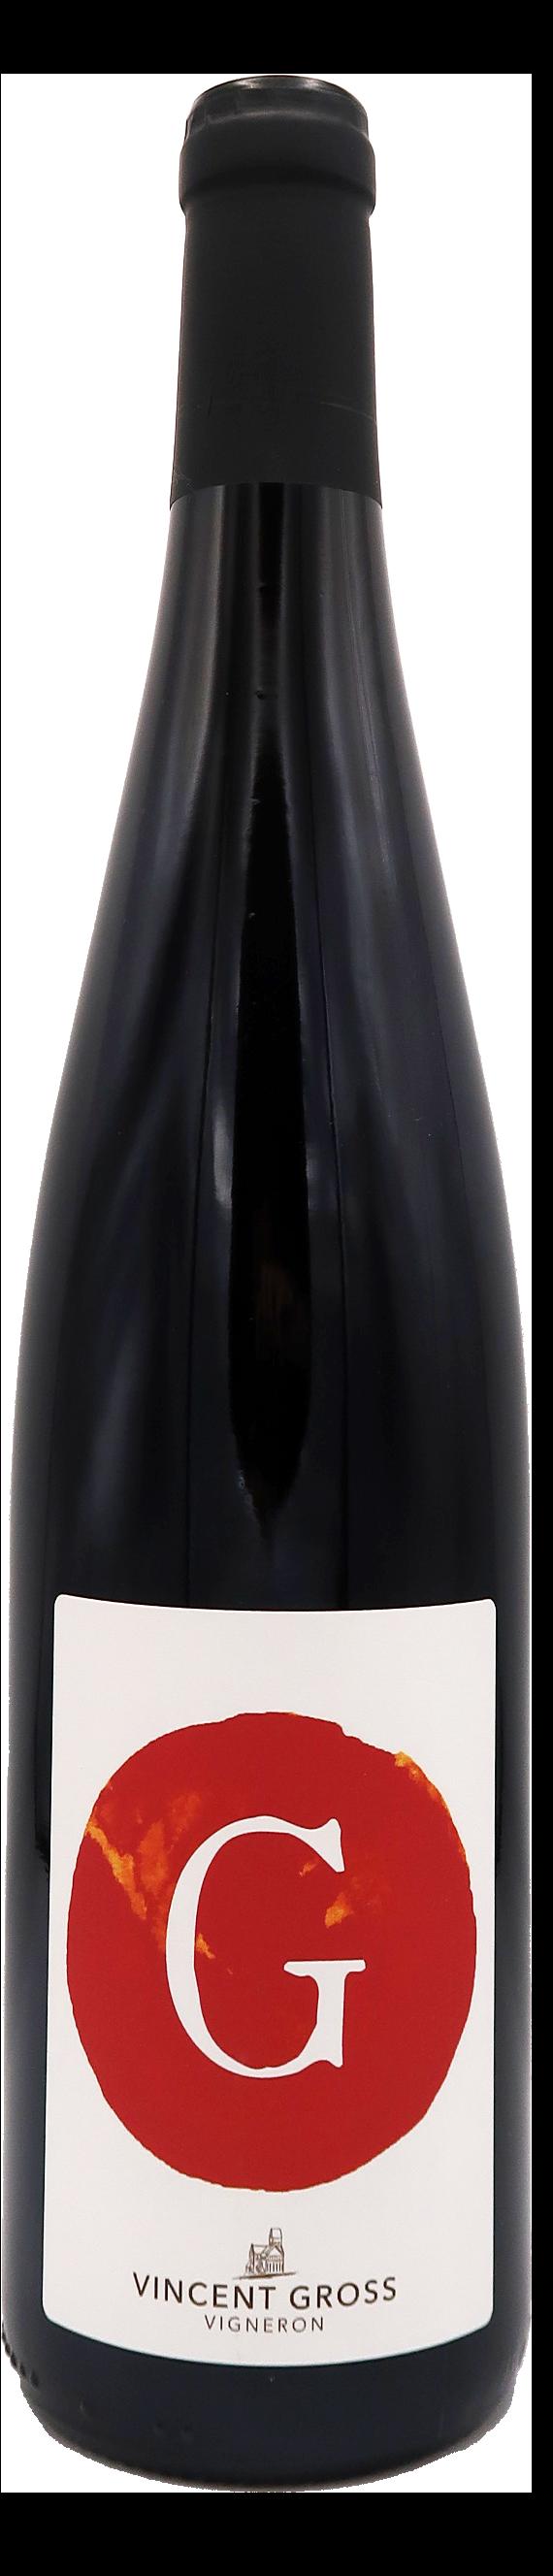 Pinot Noir G 2020 - Domaine Gross